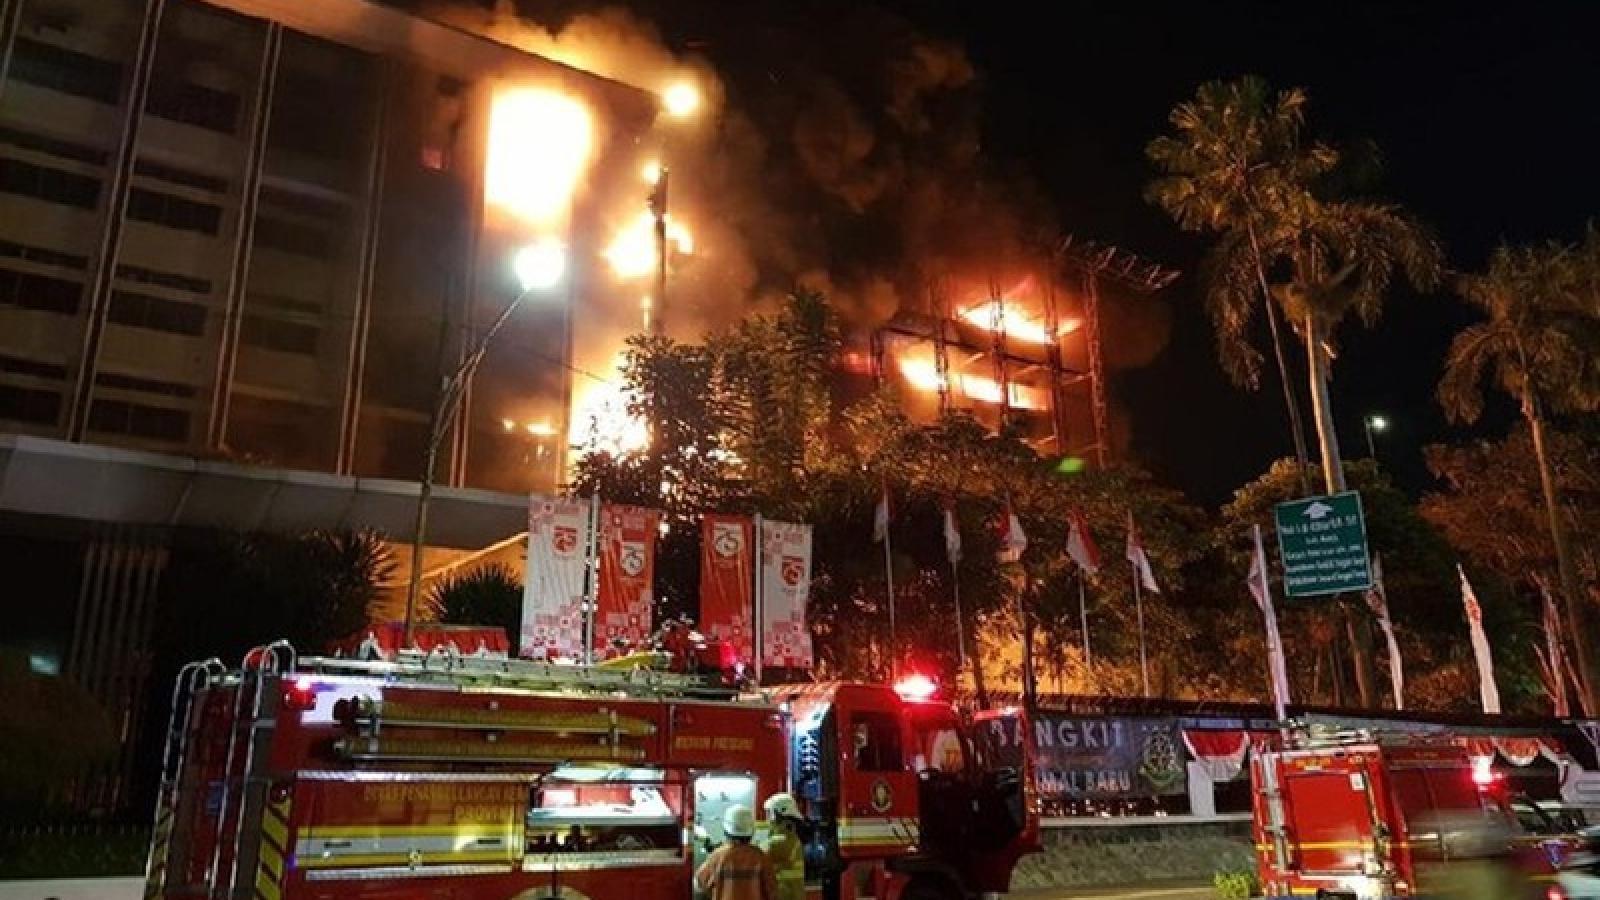 Hỏa hoạn nghiêm trọng tại tòa nhà di sản Tổng chưởng lý Indonesia